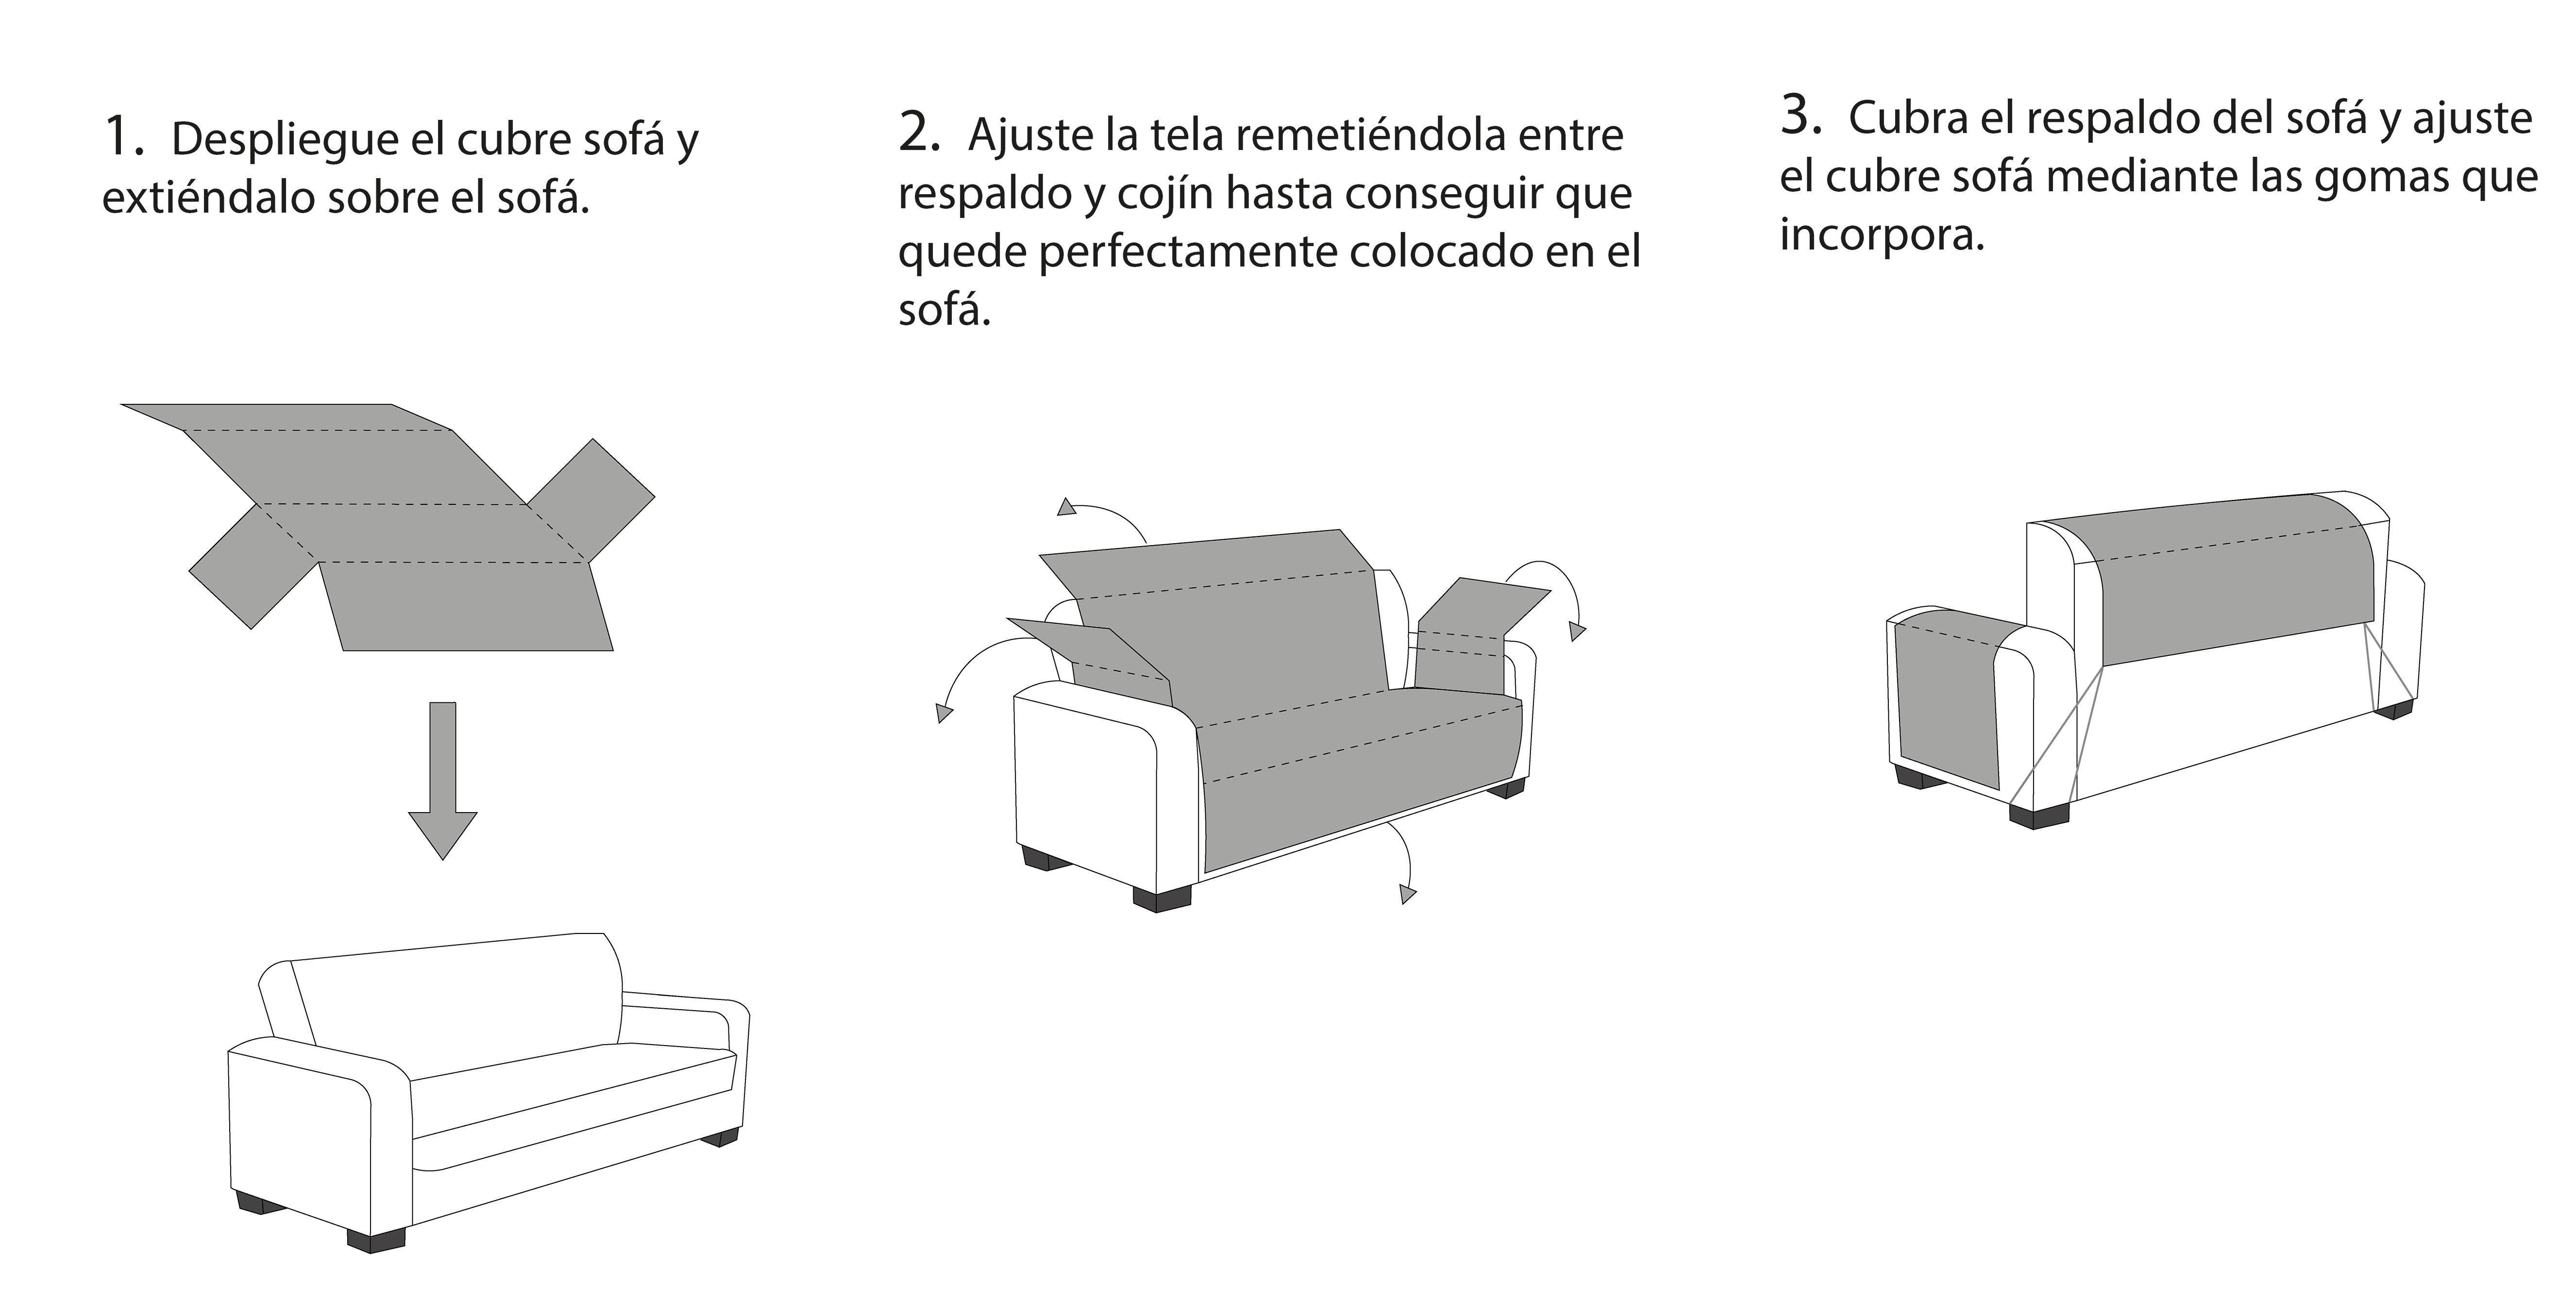 instrucciones cubre sofá